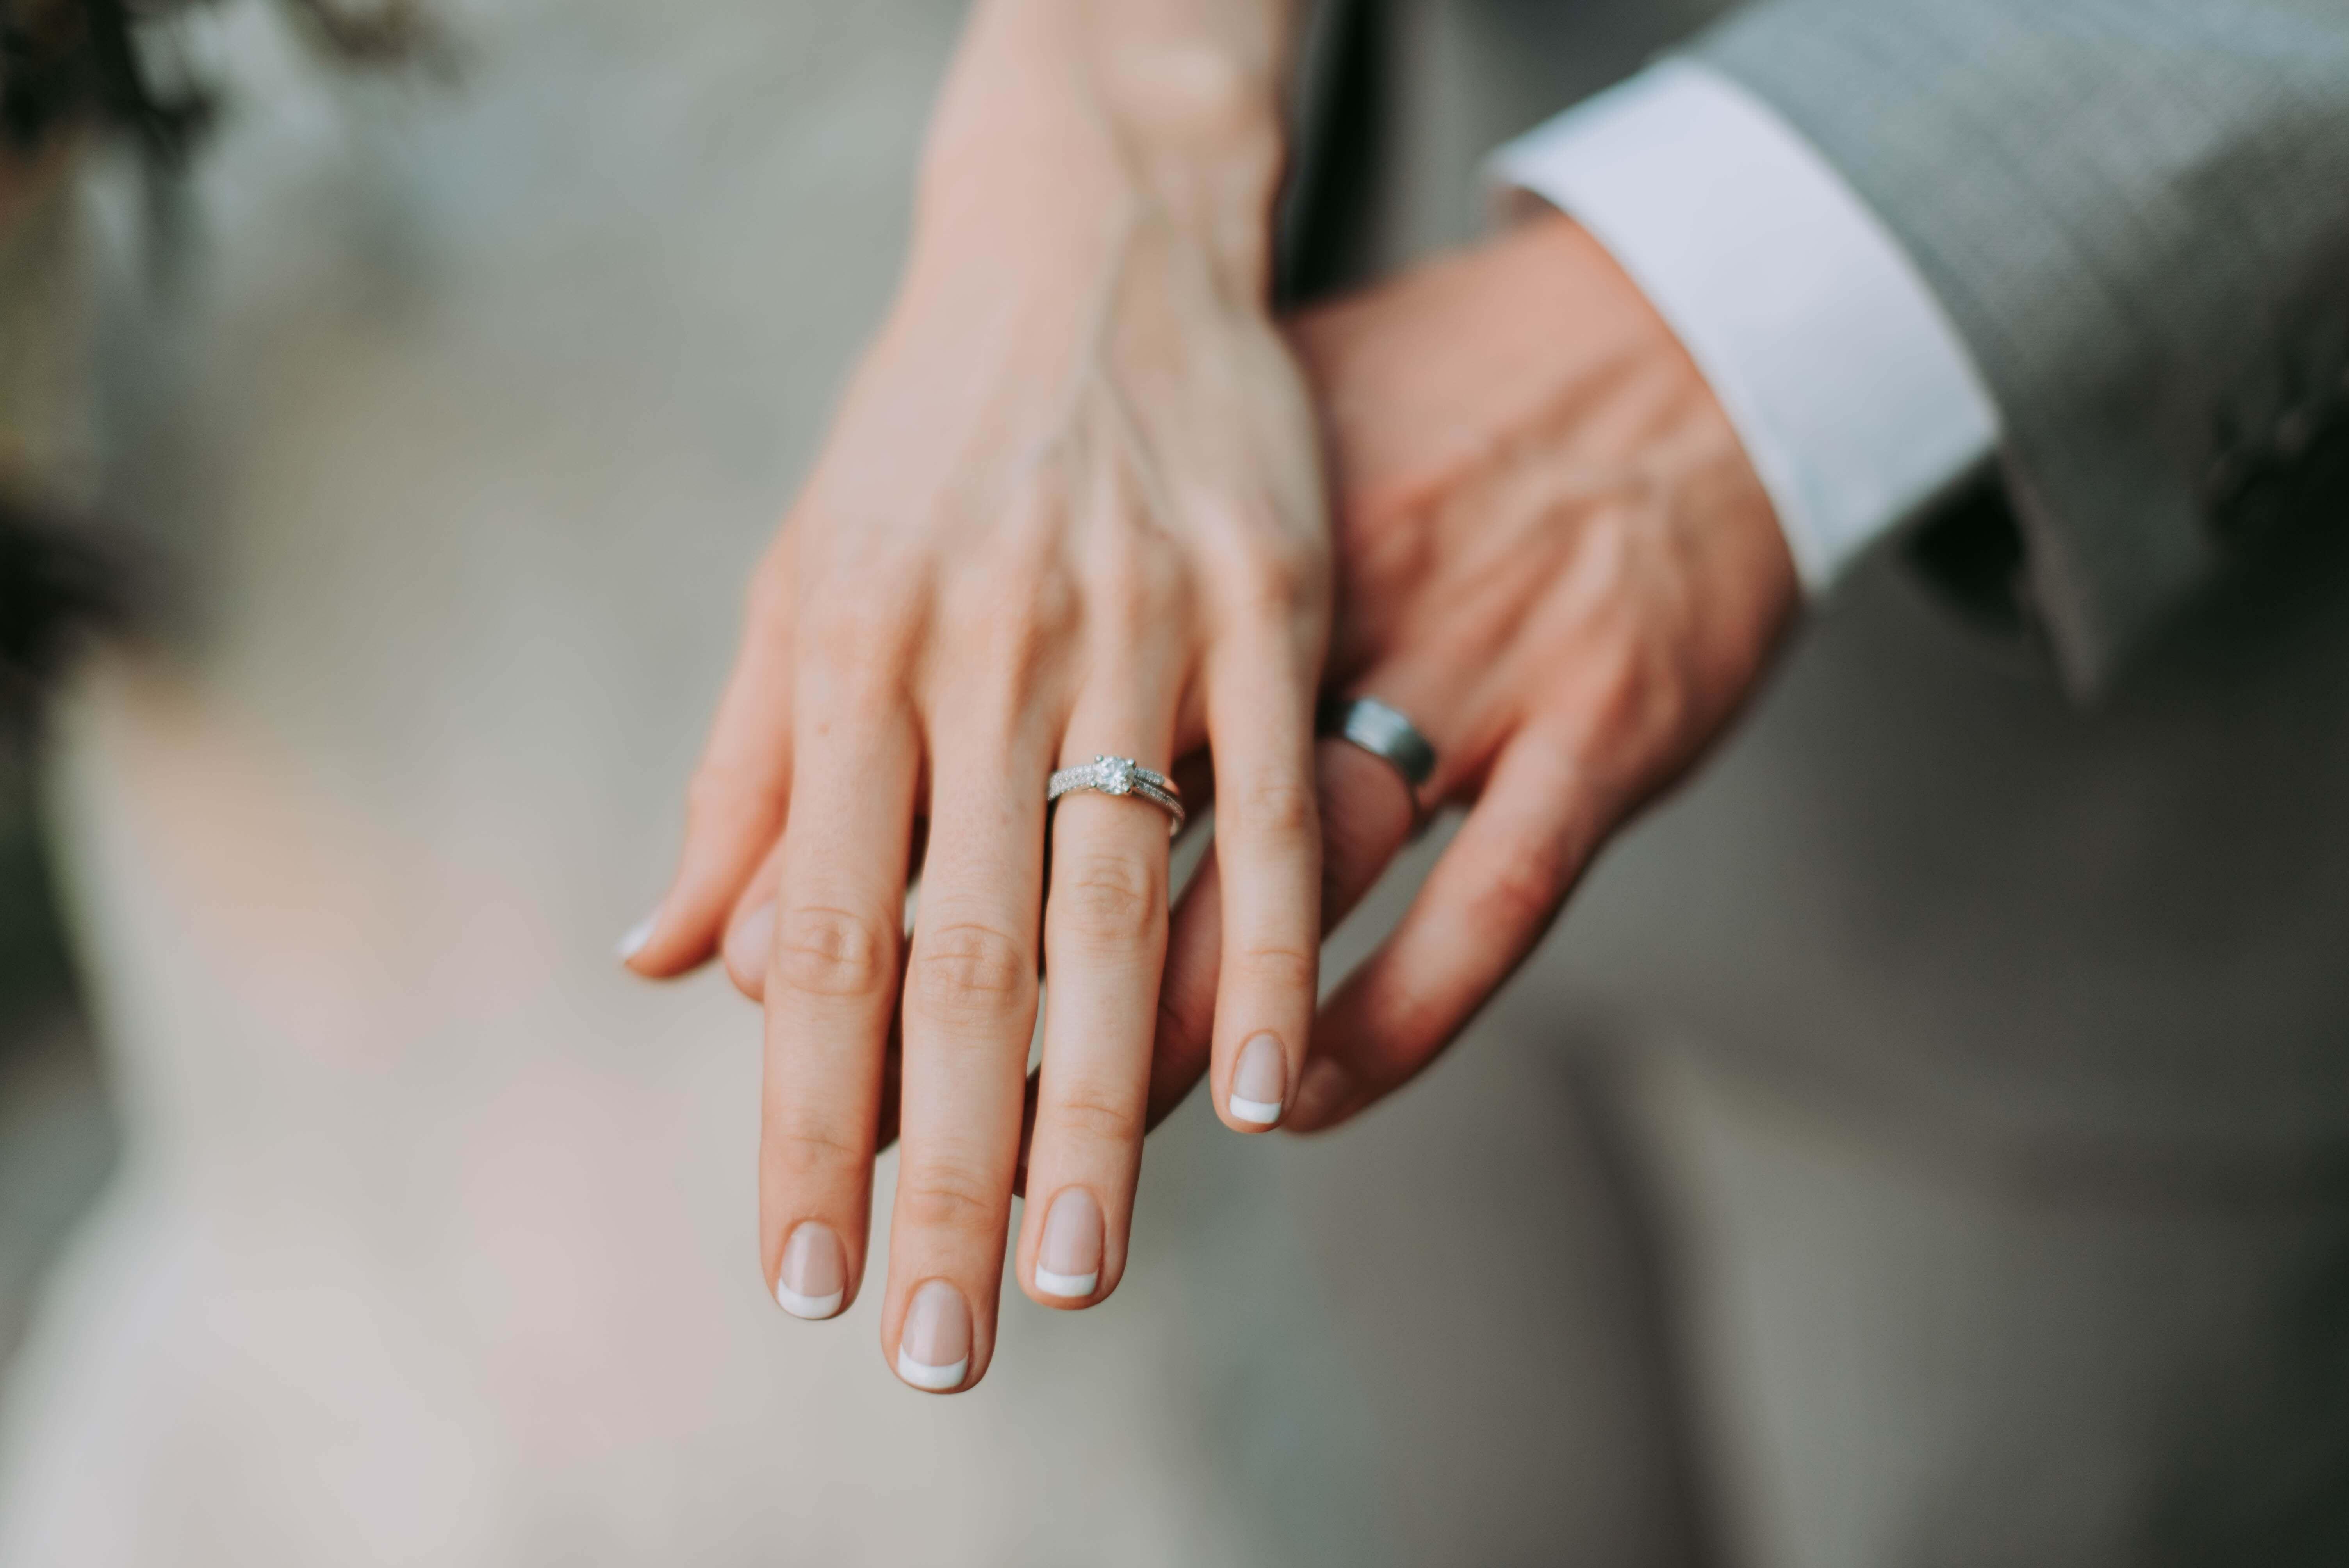 女性芸能人・女優のような素敵な女性と結婚する方法